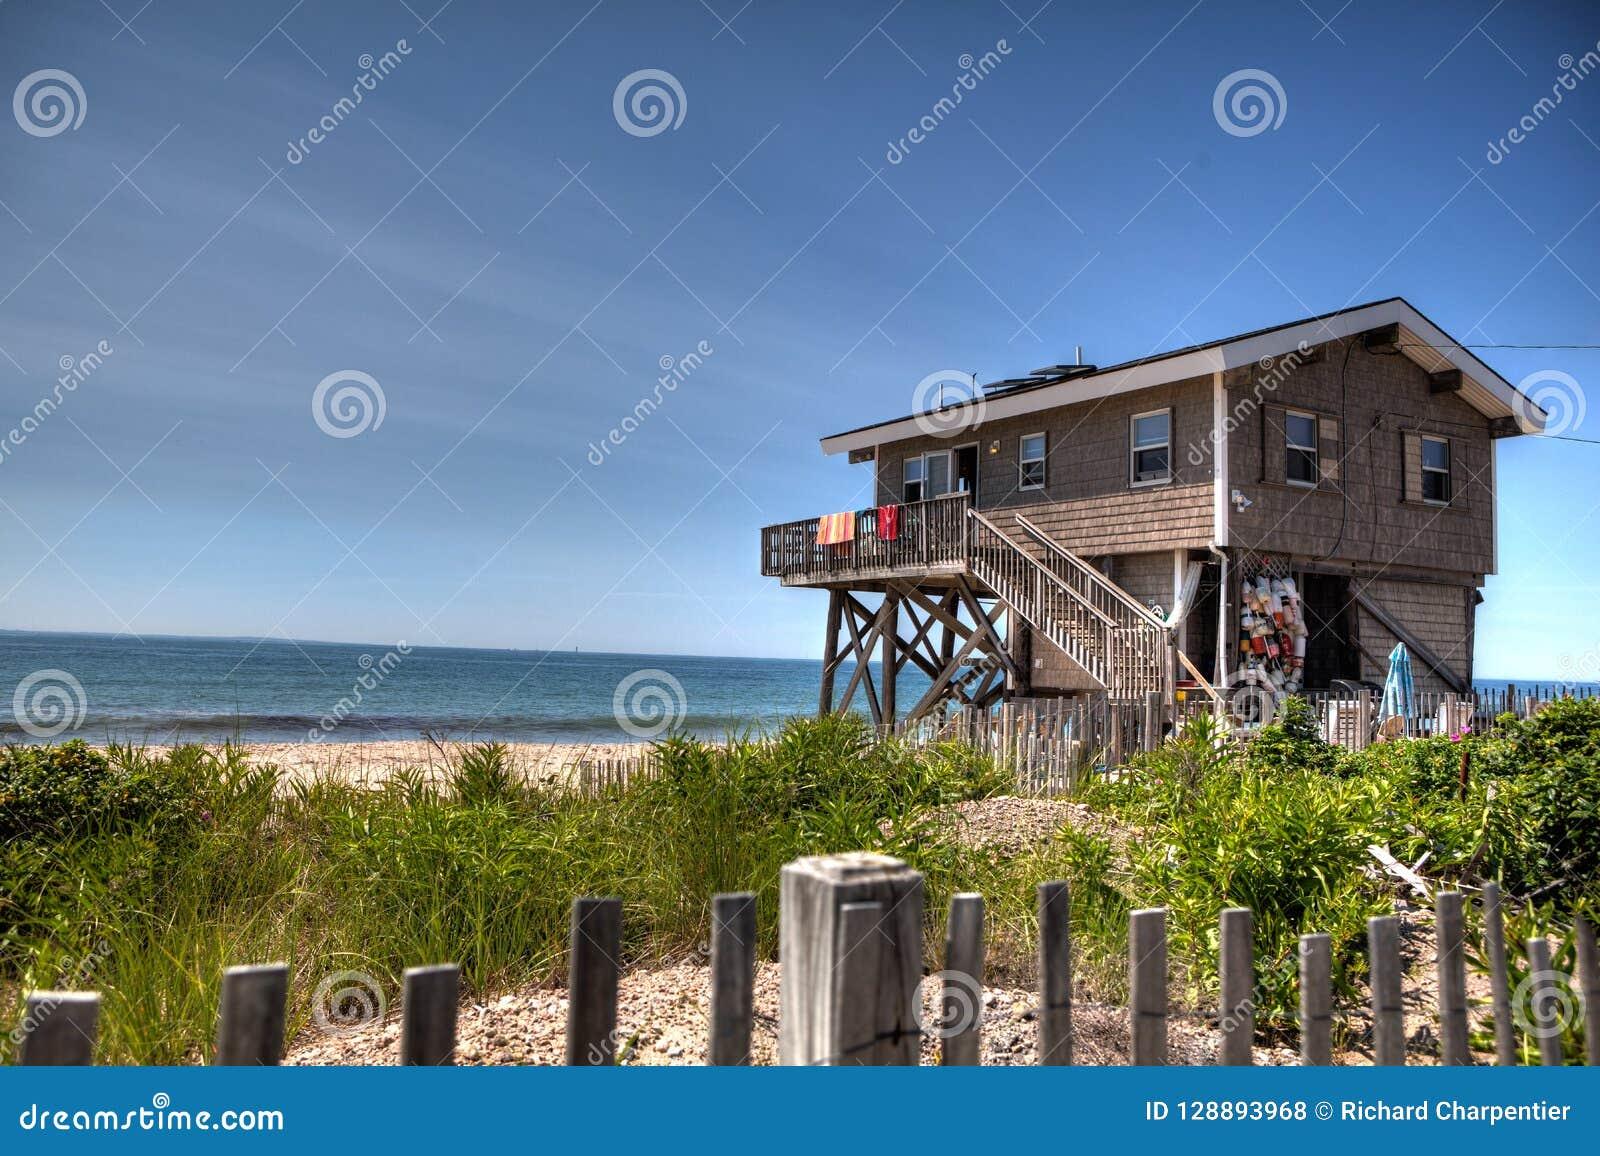 Побережь дом в Род-Айленде смотря вне на Атлантическом океане